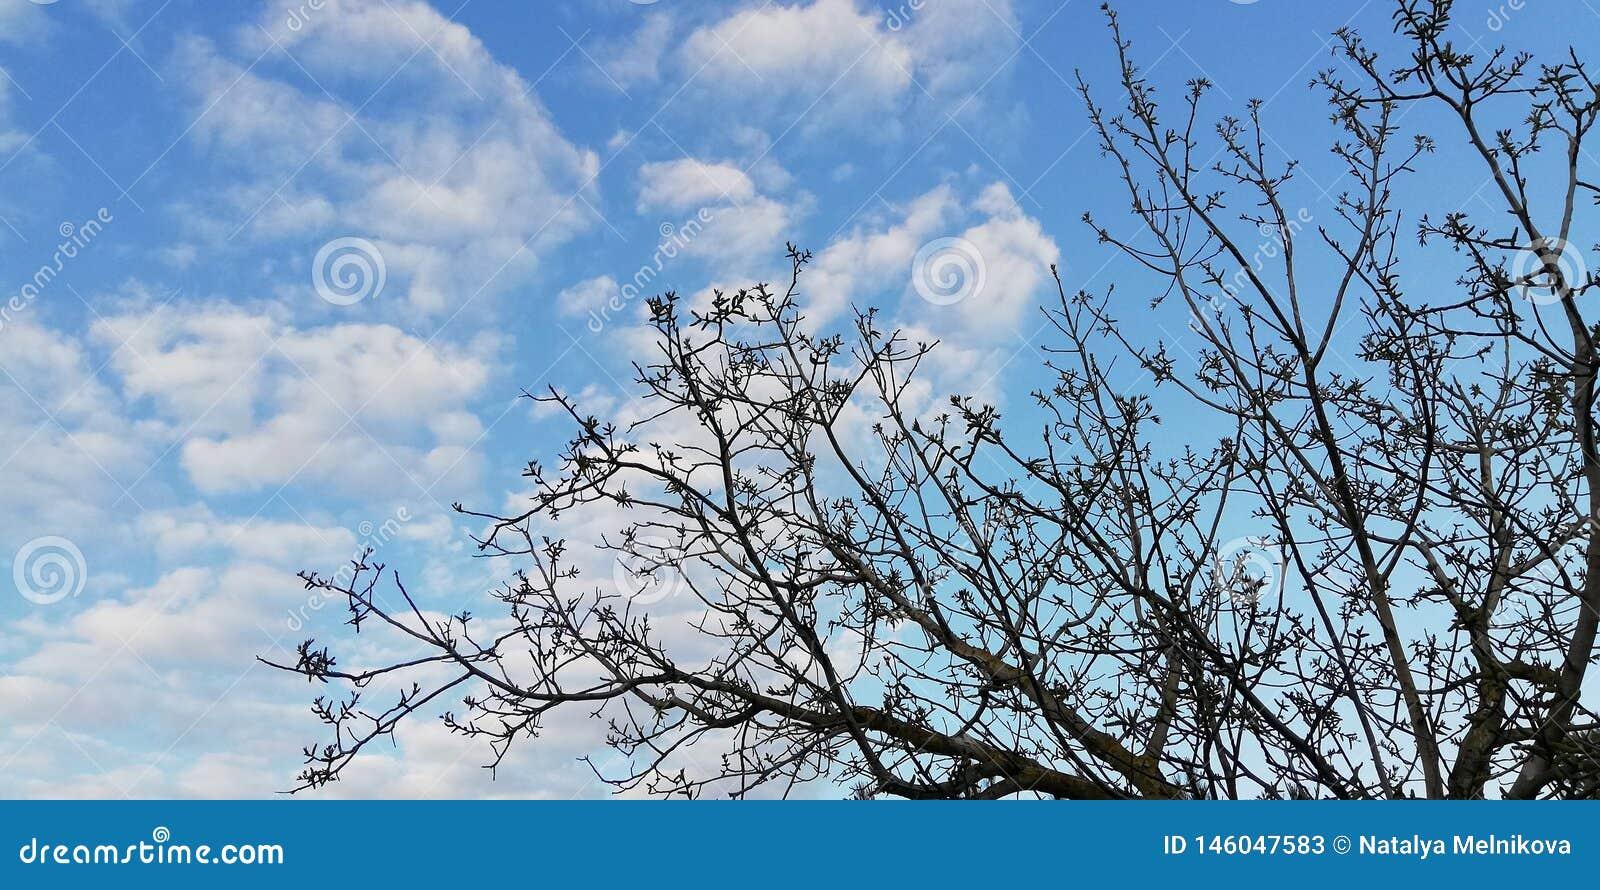 Lekki t?o Skoczna koronka Ciemne gałąź kontrastują z białym niebieskim niebem i chmurami